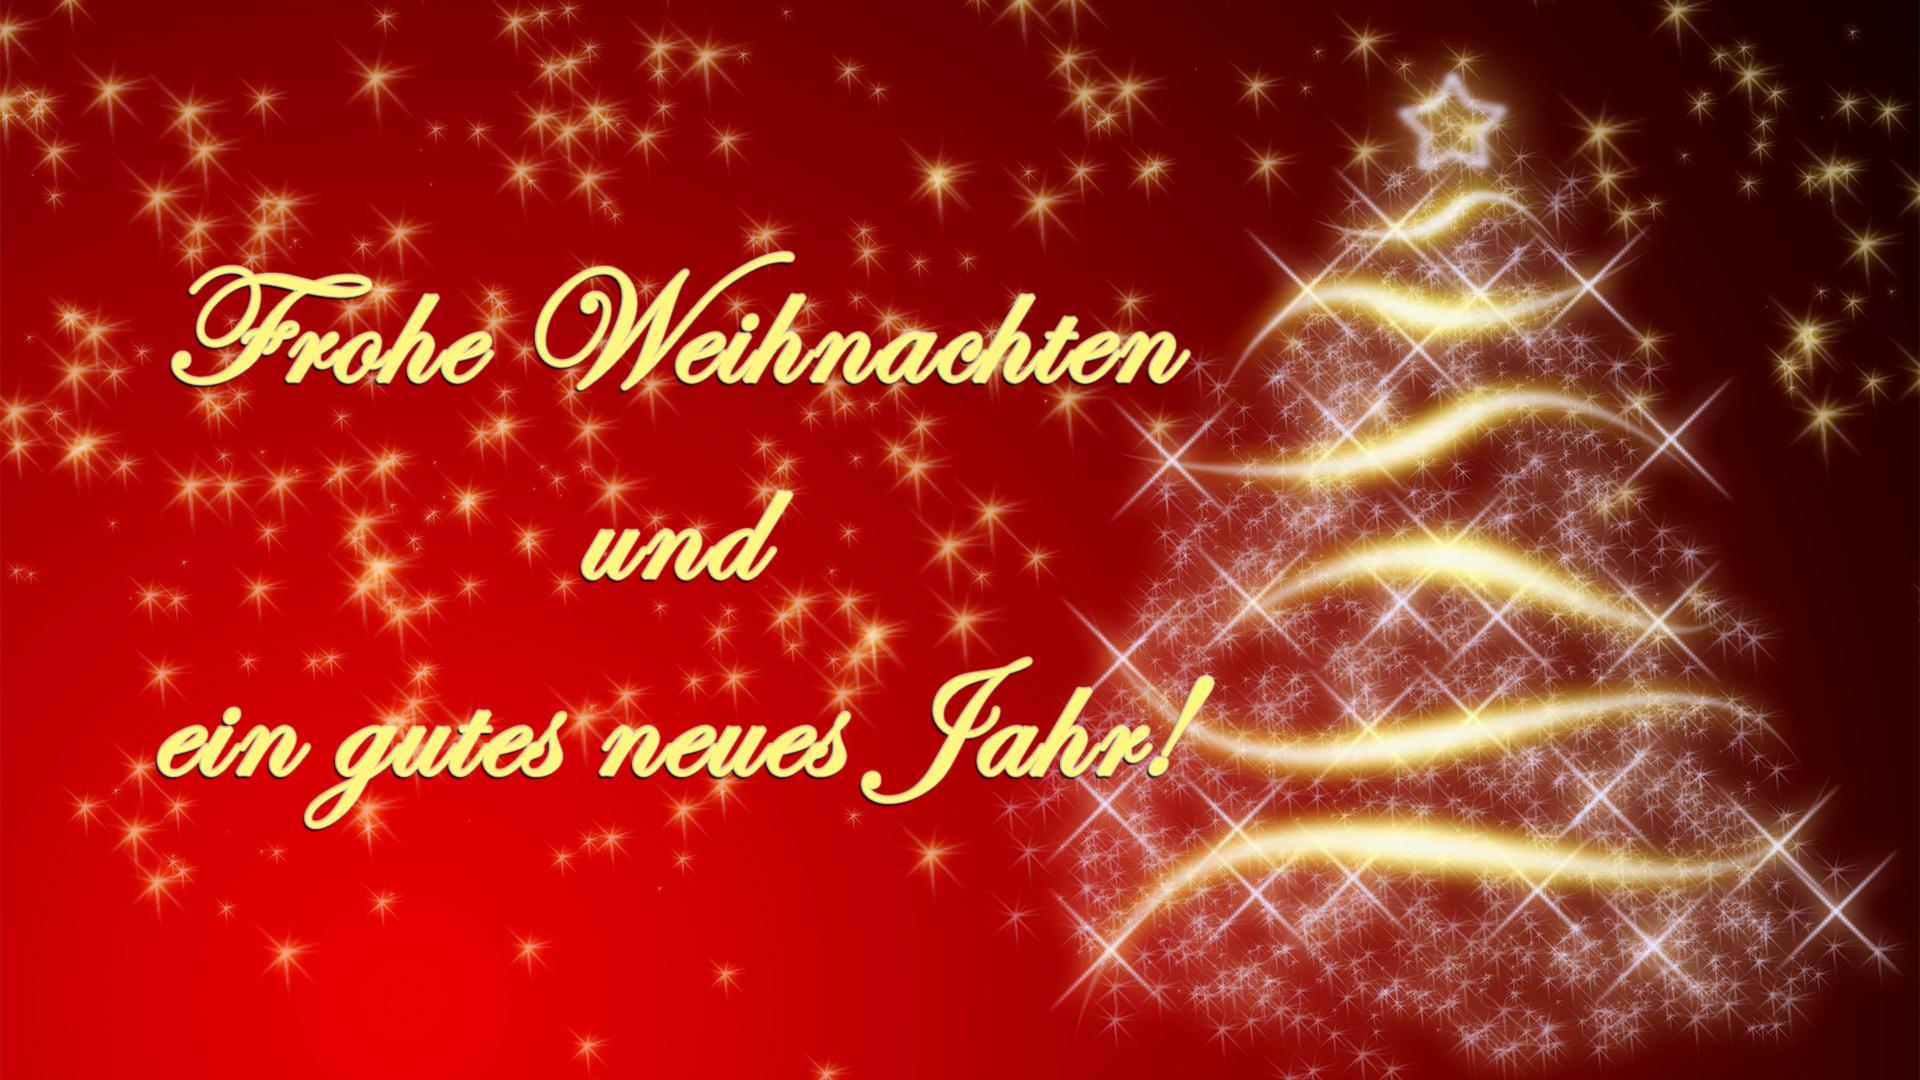 für Frohe Weihnachten